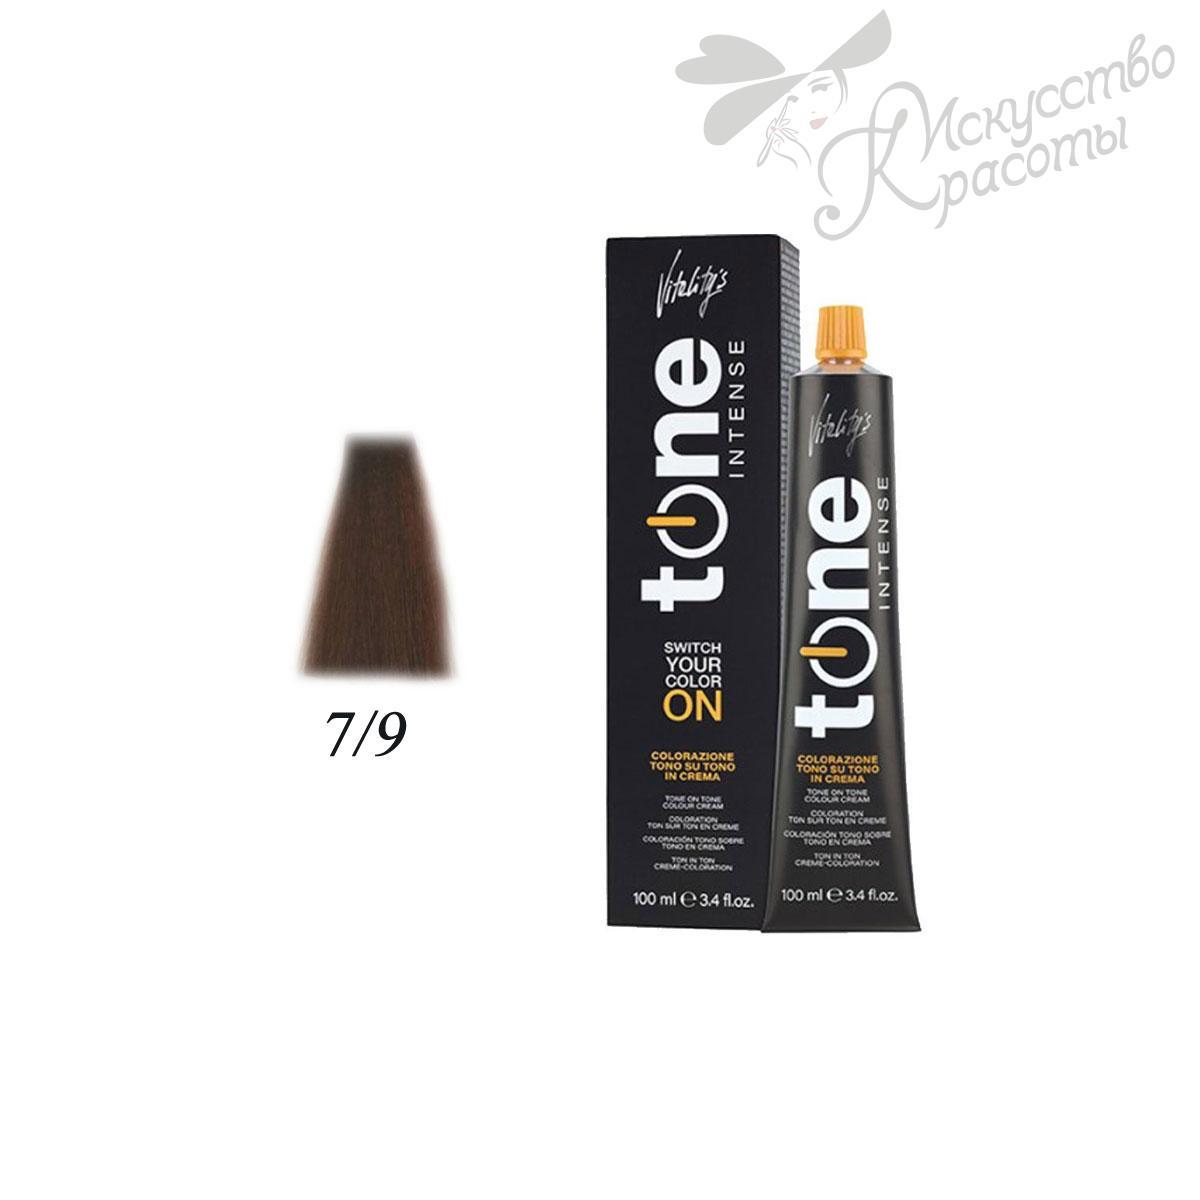 Краска для волос 7/9 коричневый блонд Tone Intense Vitality's 100мл